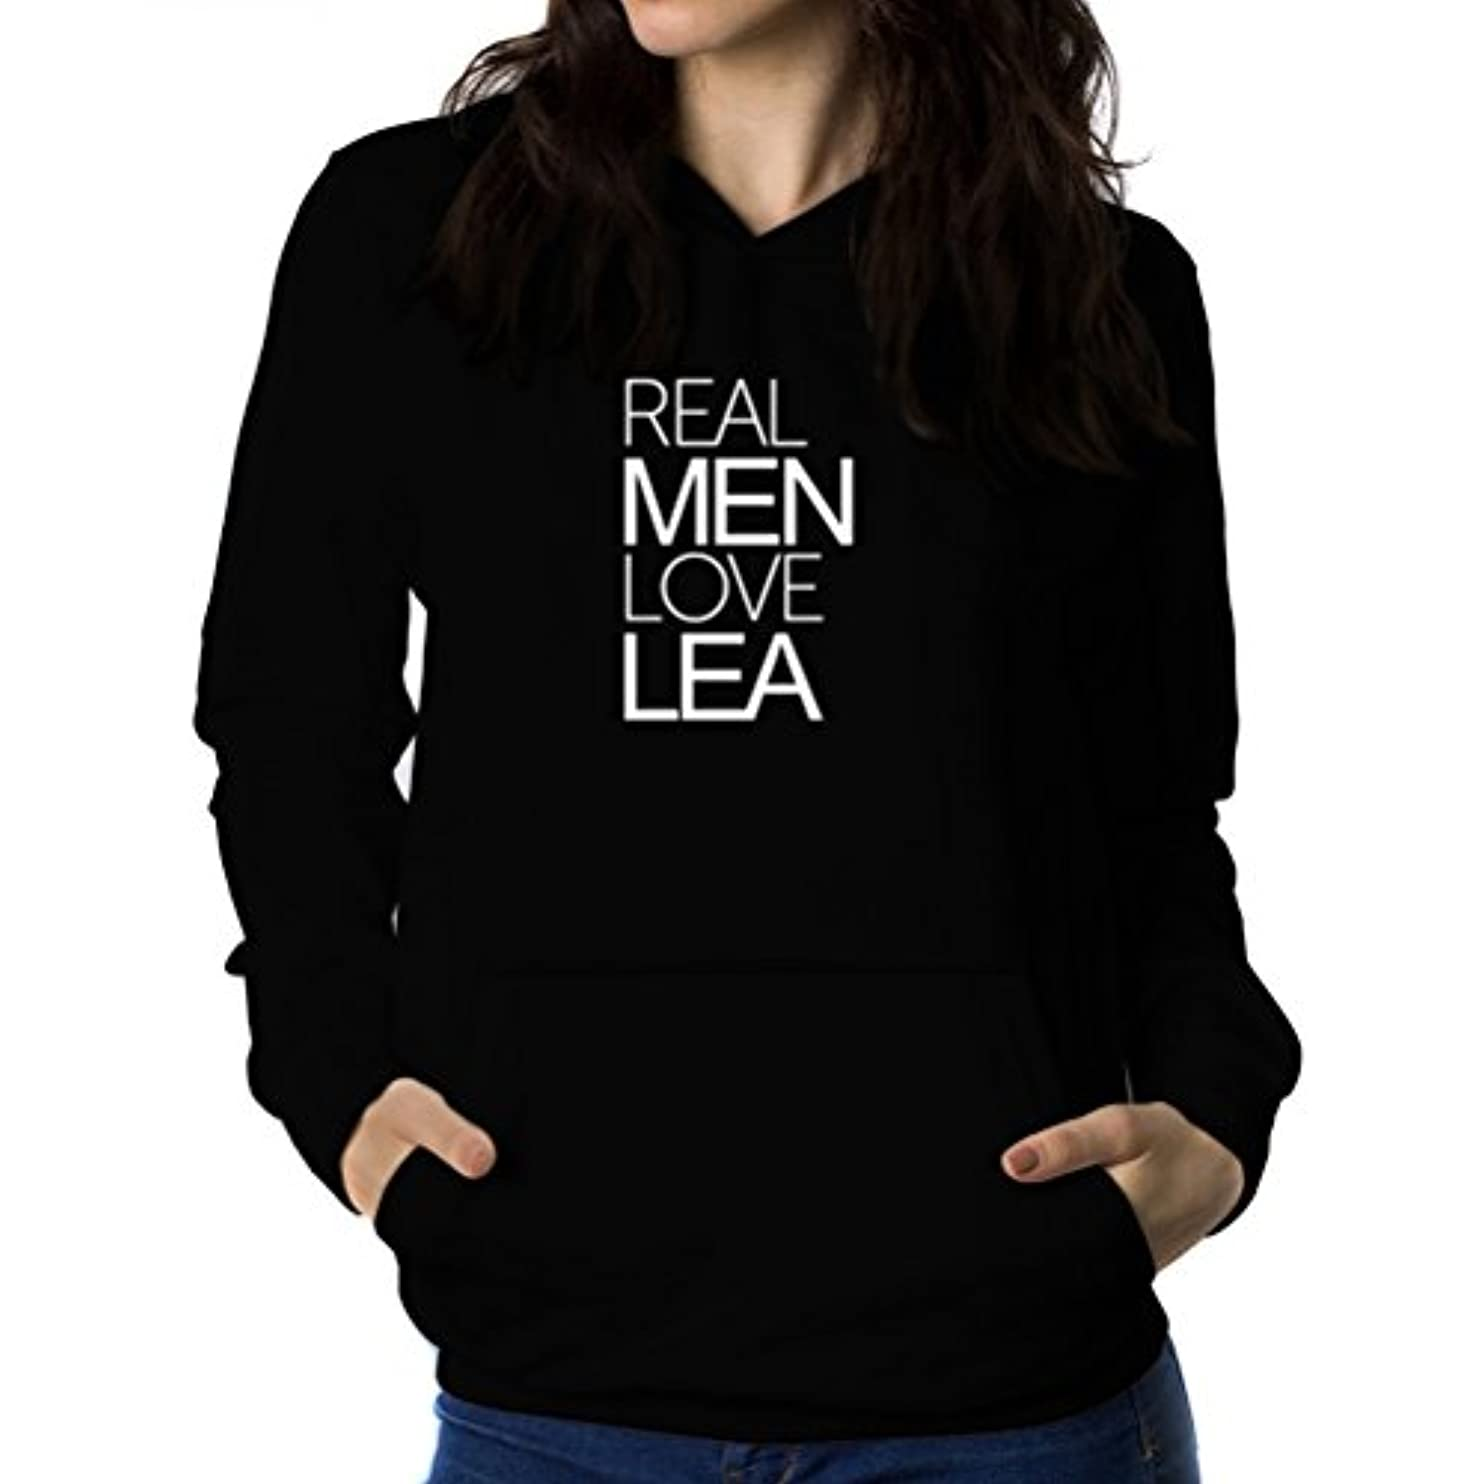 サスペンドダルセットキャンパスReal men love Lea 女性 フーディー